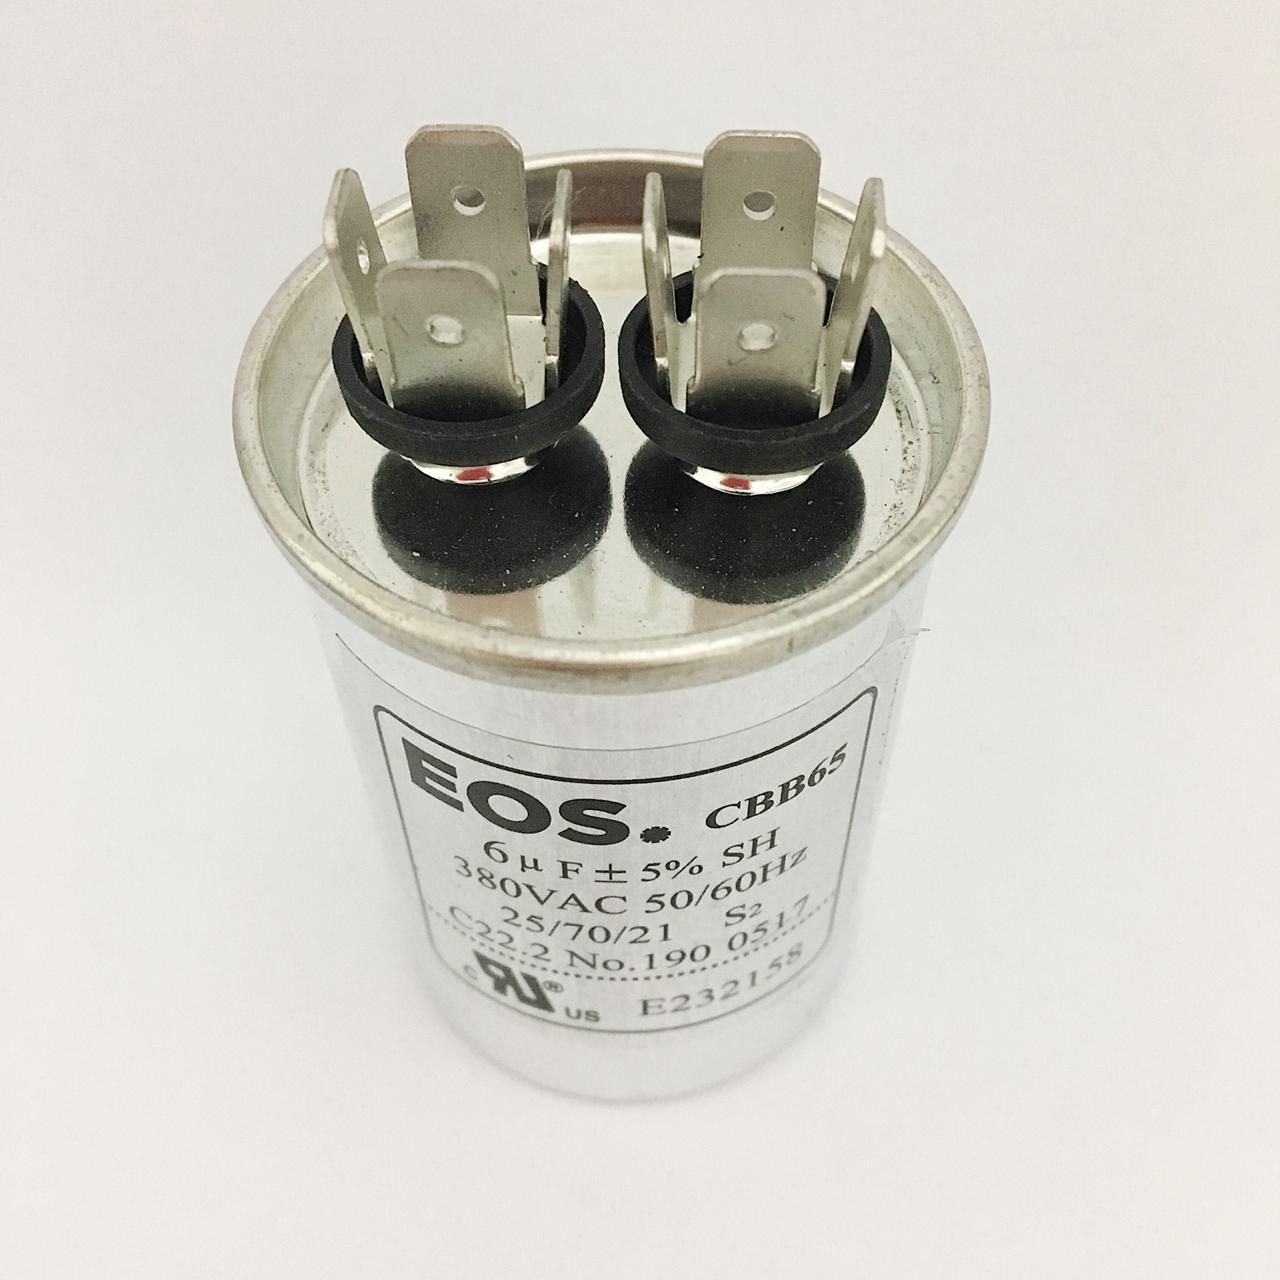 Capacitor 6 MFD 380V 50/60Hz